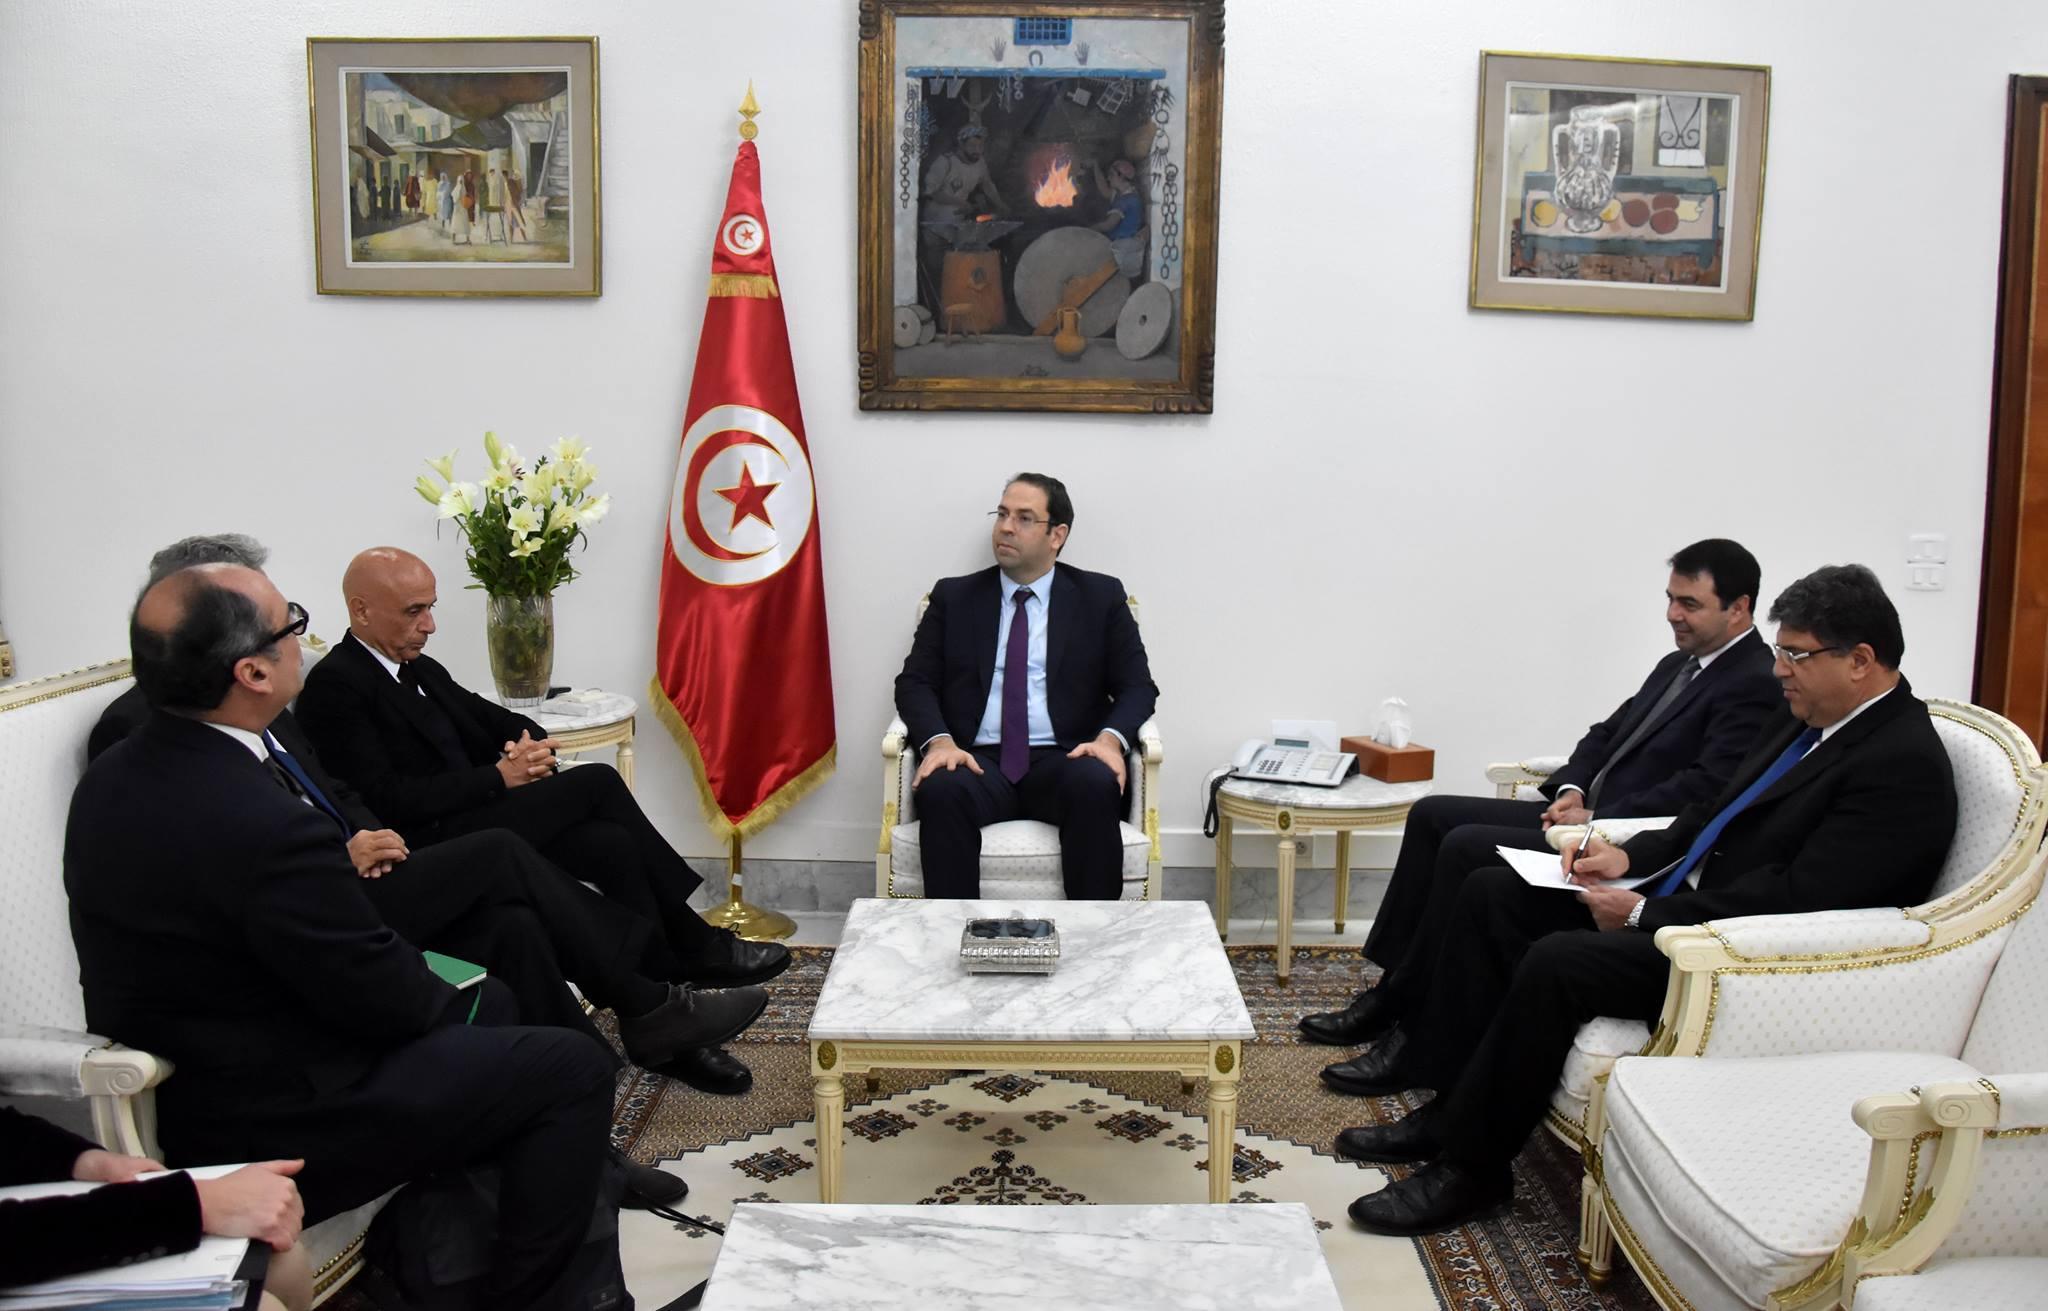 Après l'Allemagne, l'Italie veut organiser des vols charters vers la Tunisie